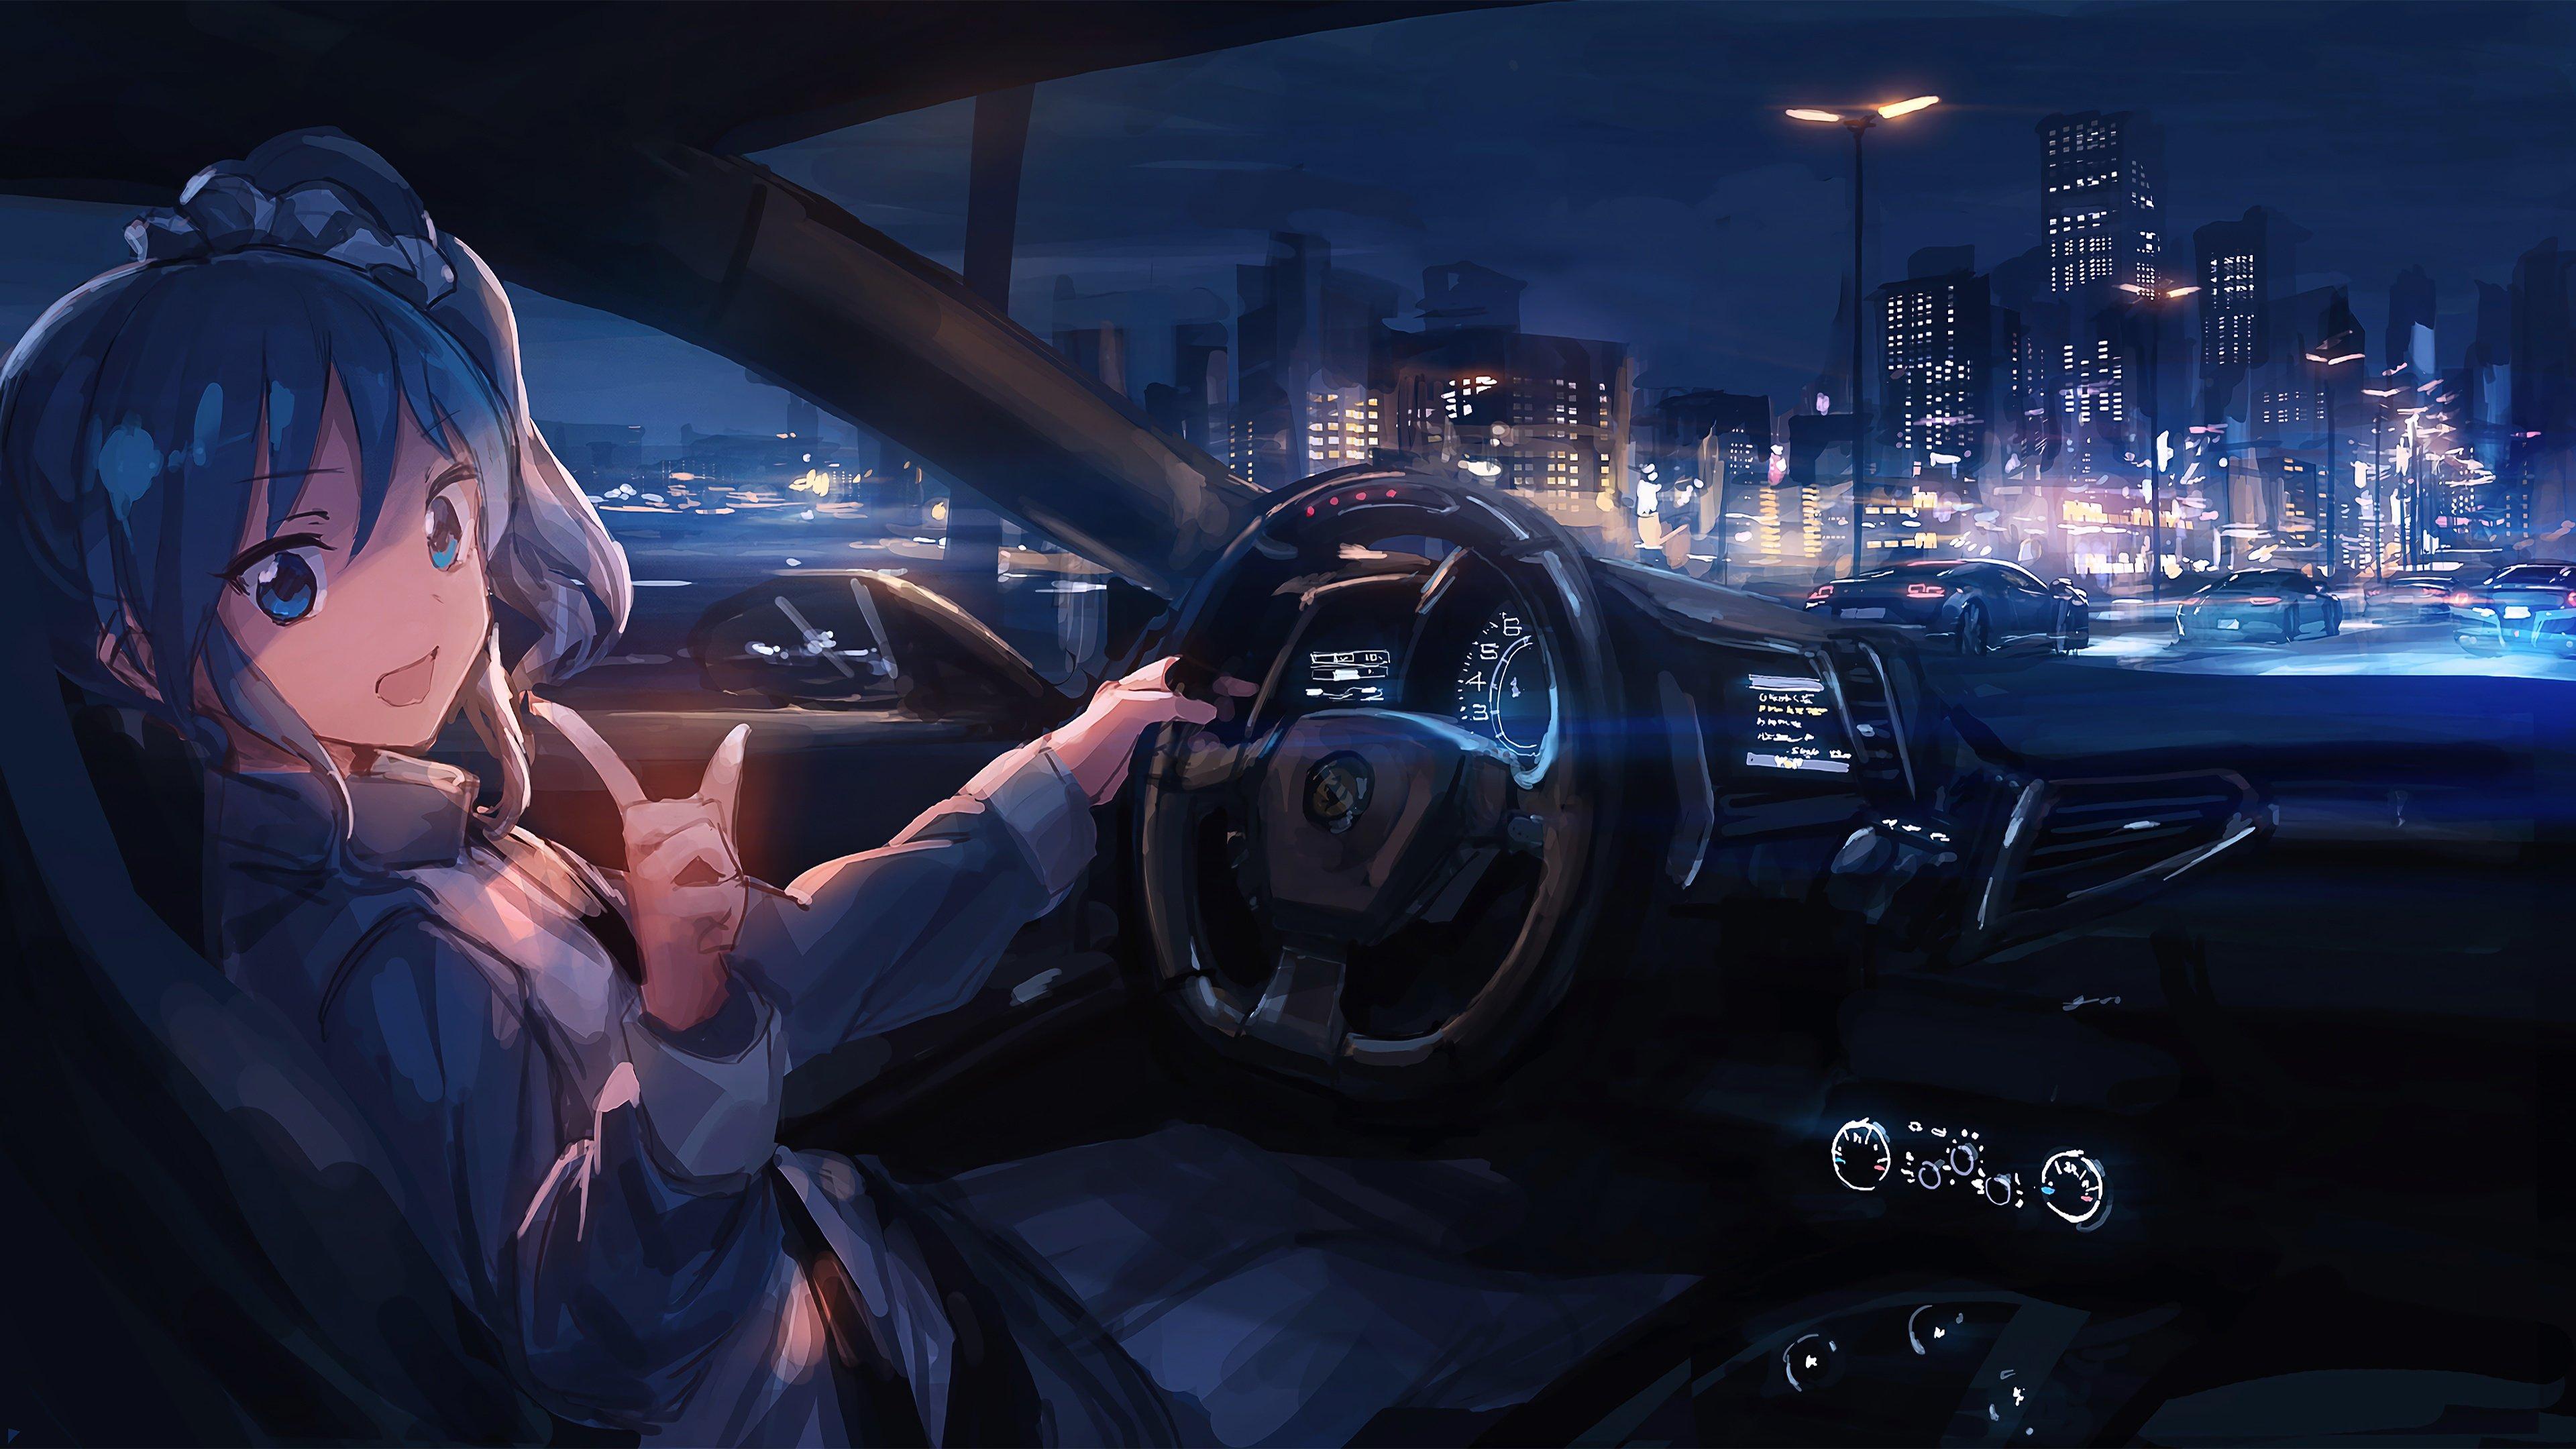 Fondos de pantalla Chica anime conduciendo